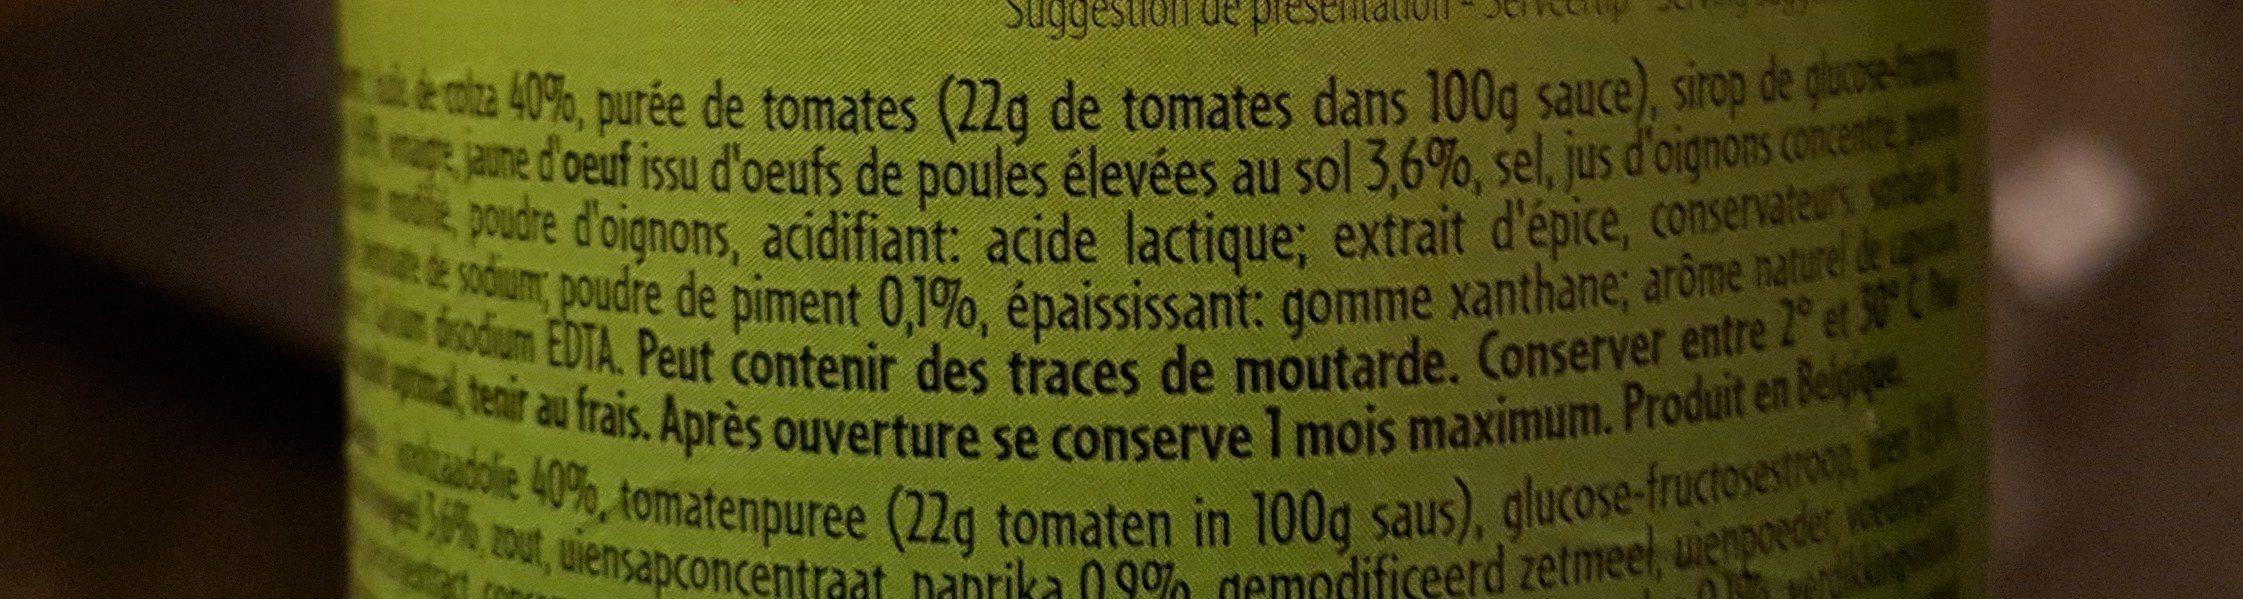 Sauce algérienne - Ingrediënten - fr